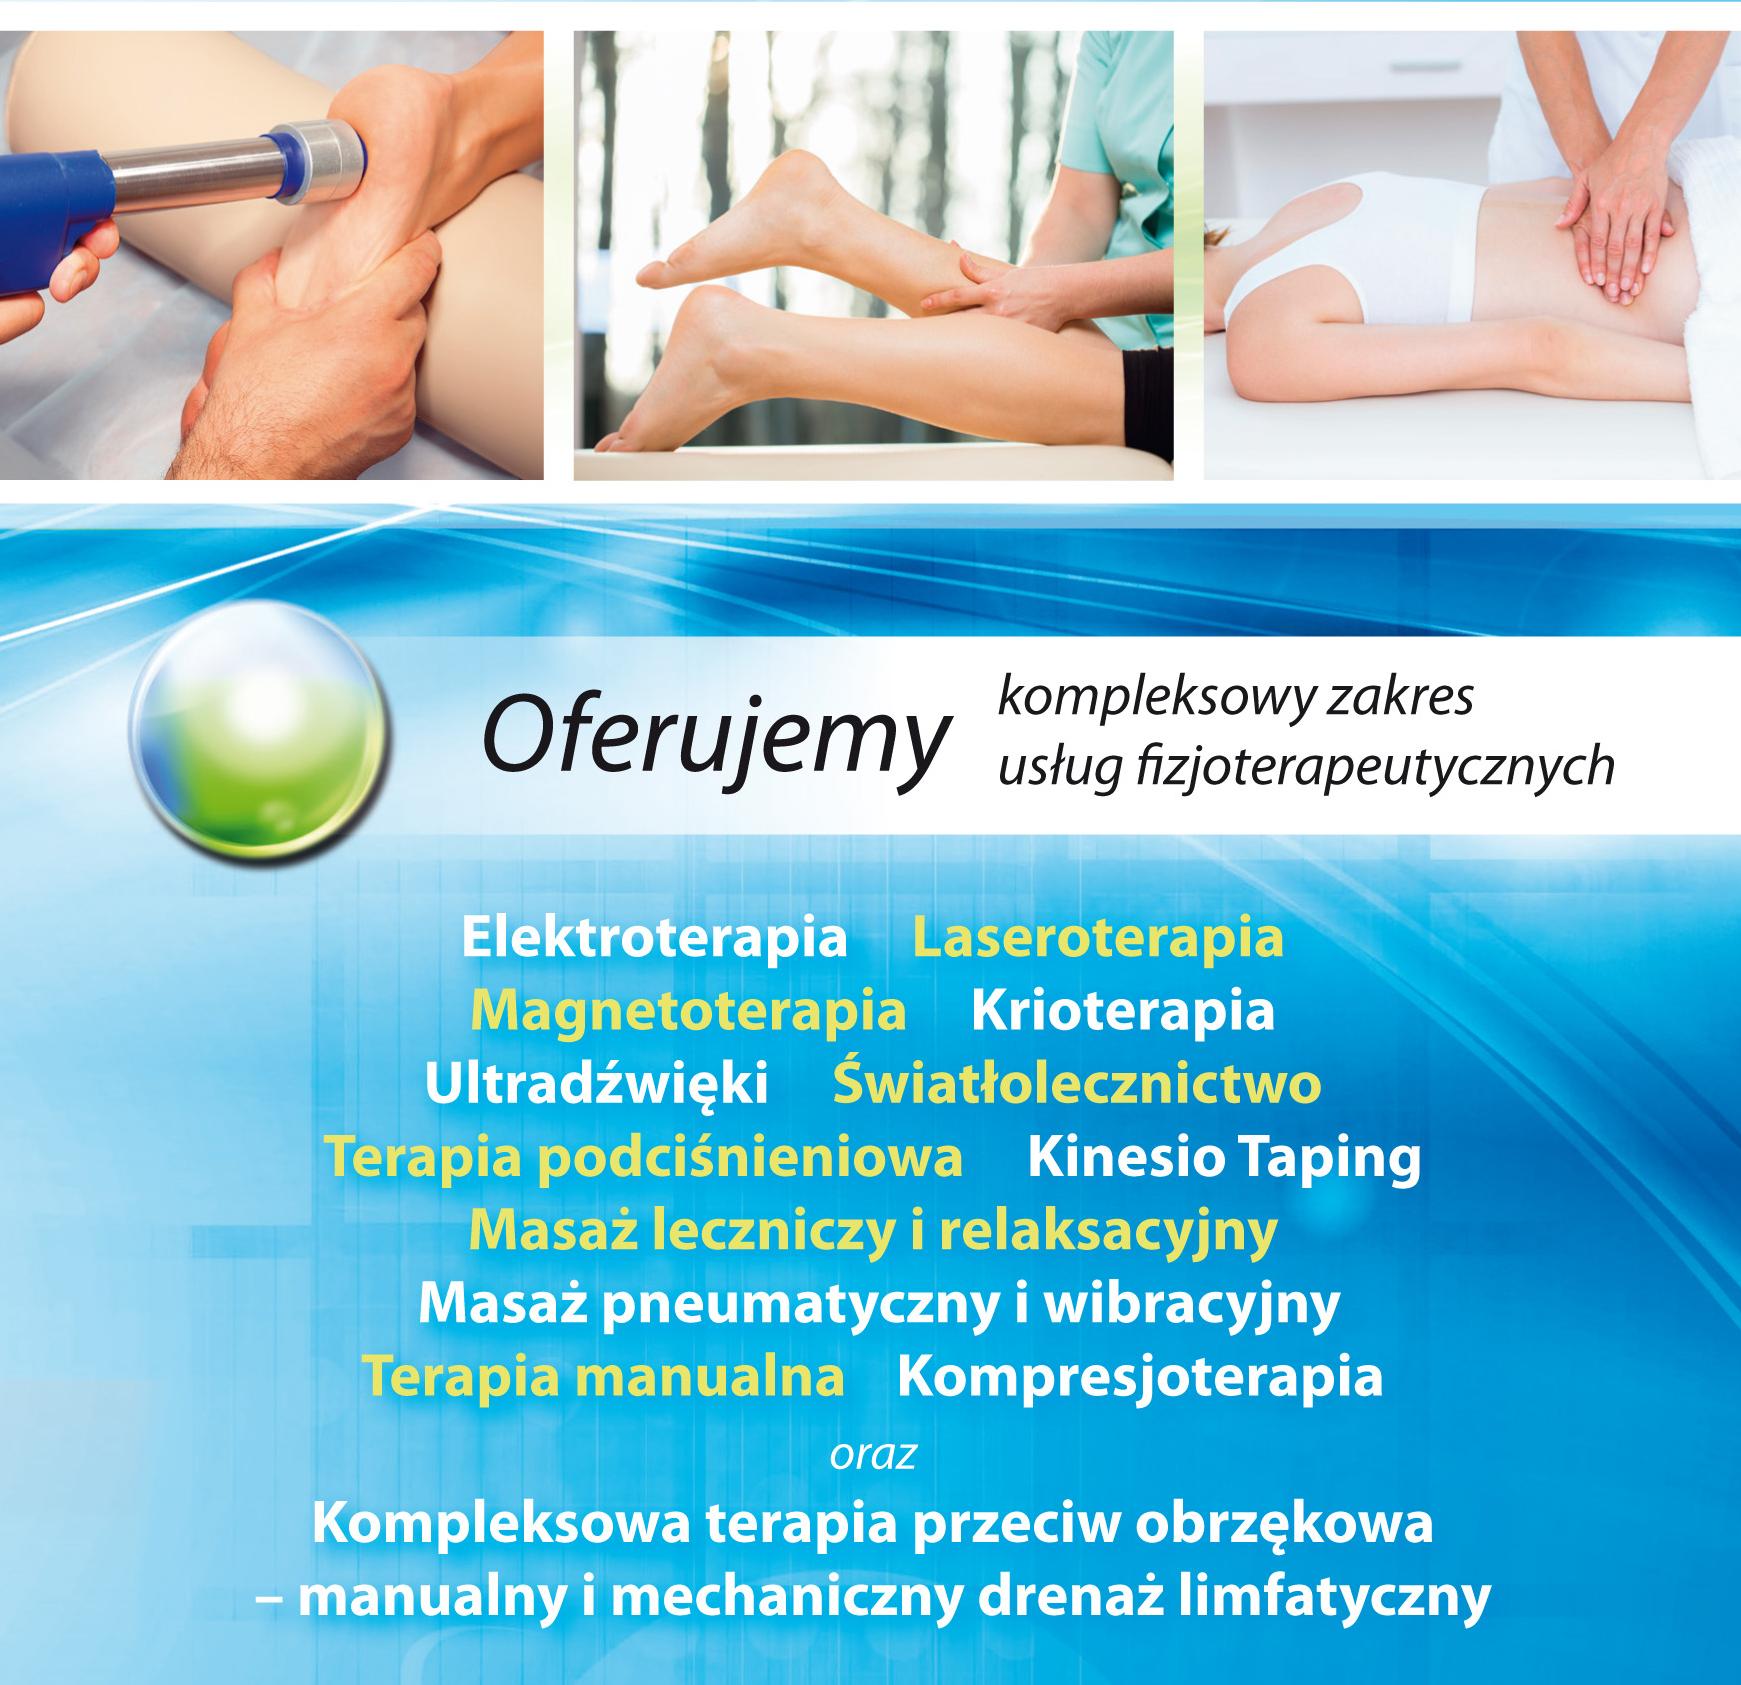 Gabinet rehabilitacji Fizjosfera - adres, telefon, www | Zdrowie i medycyna Radom Radom